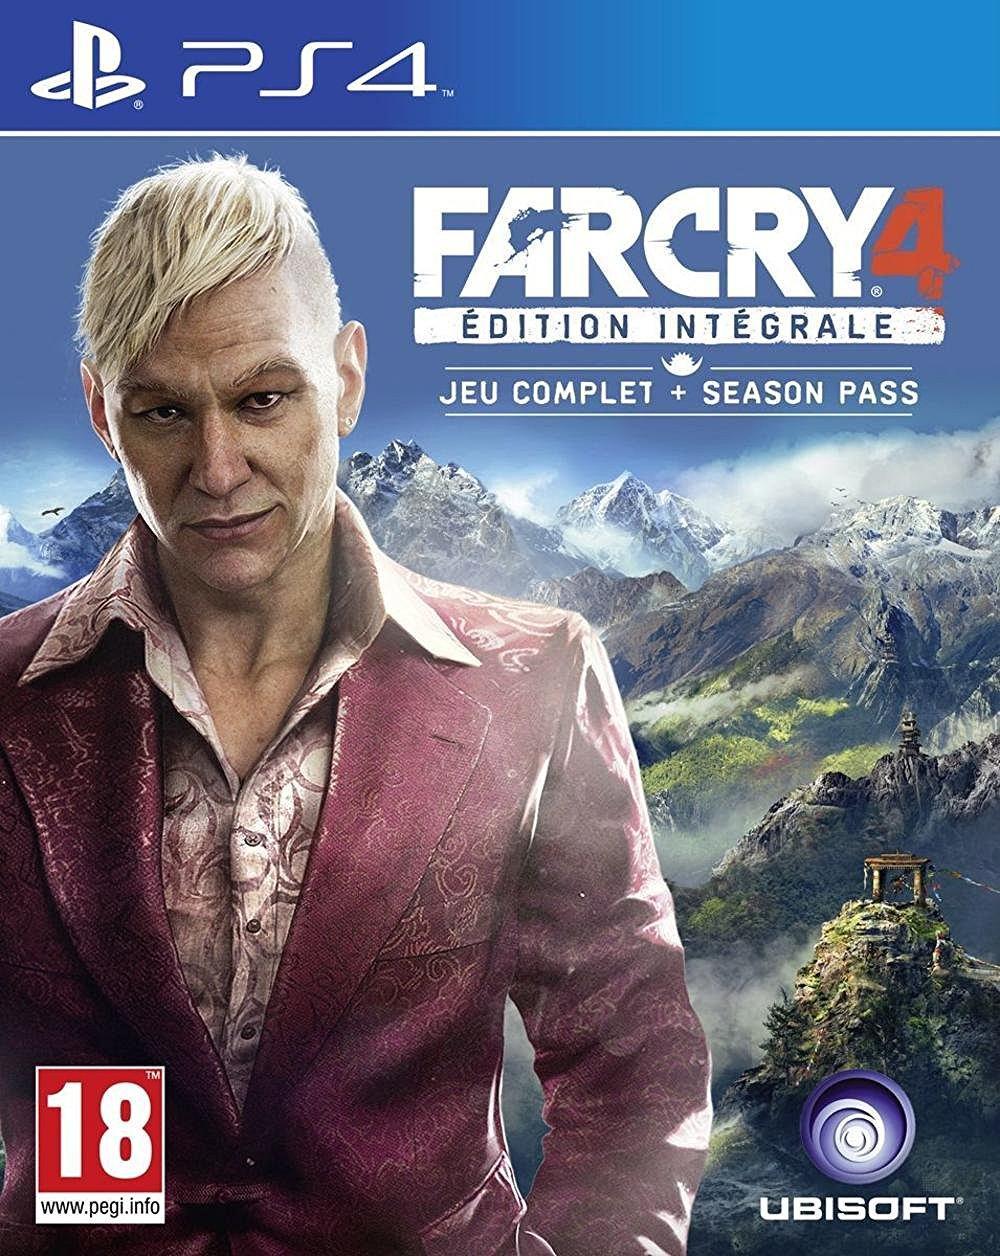 Farcry 4 - Edition Intégrale sur PS4